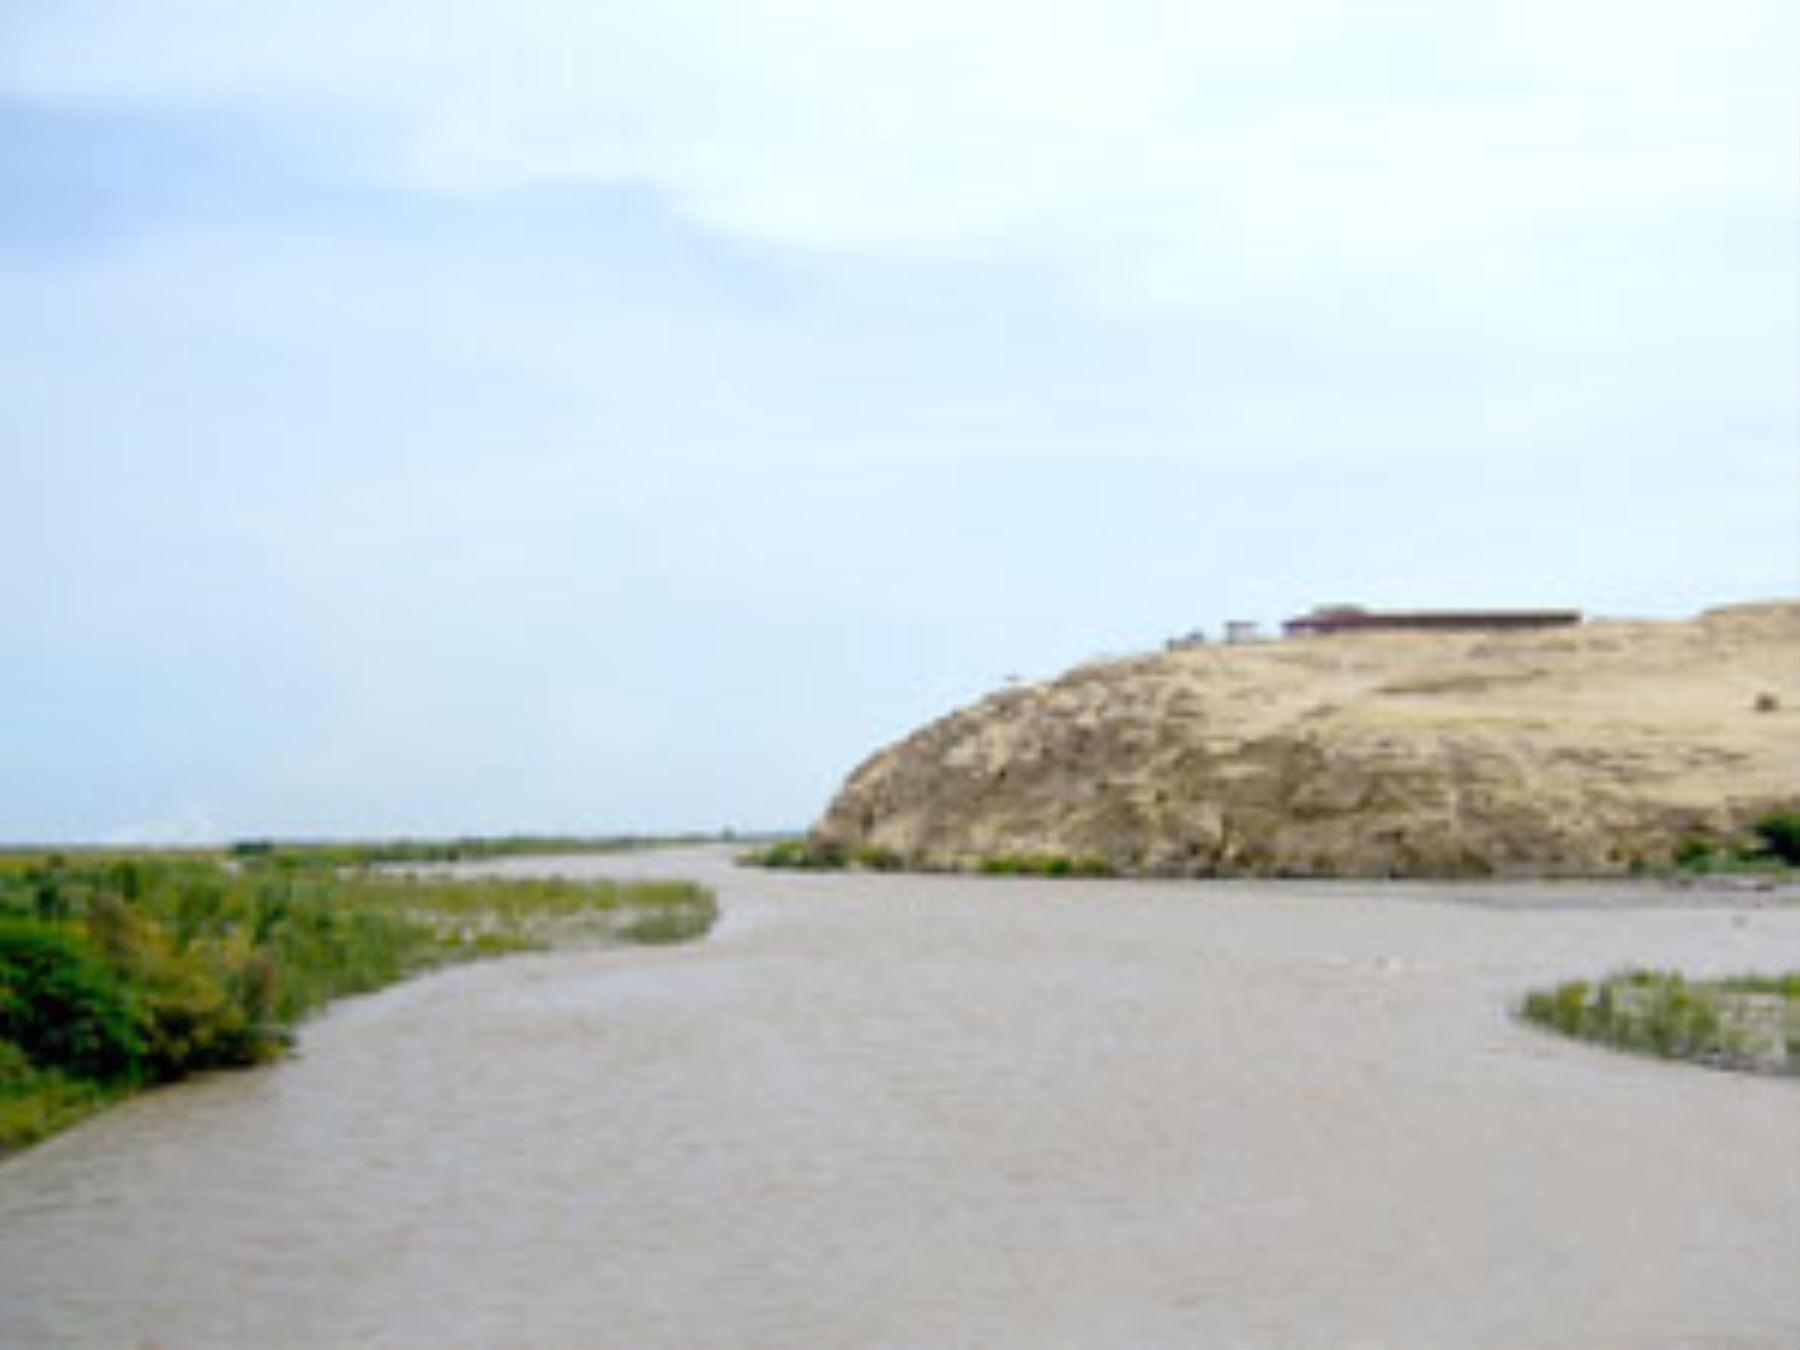 Lima registrará temperaturas que superarán los 30°C este fin de semana